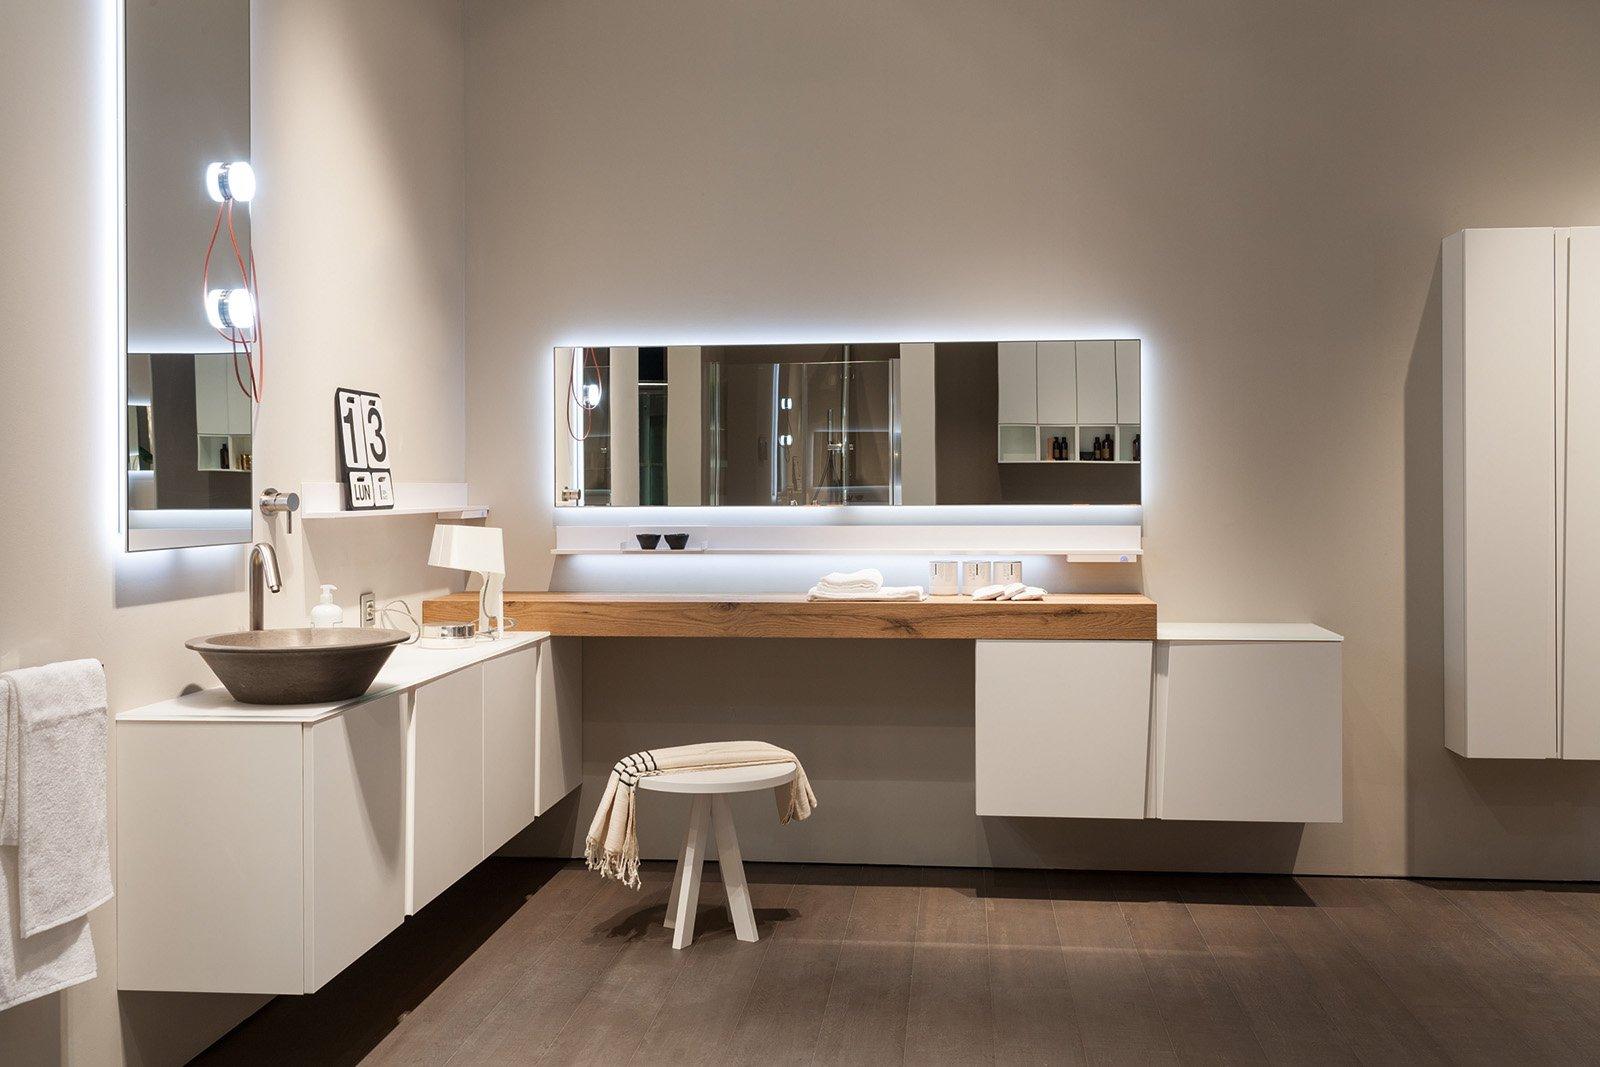 Specchi per il bagno cose di casa - Specchio in bagno ...